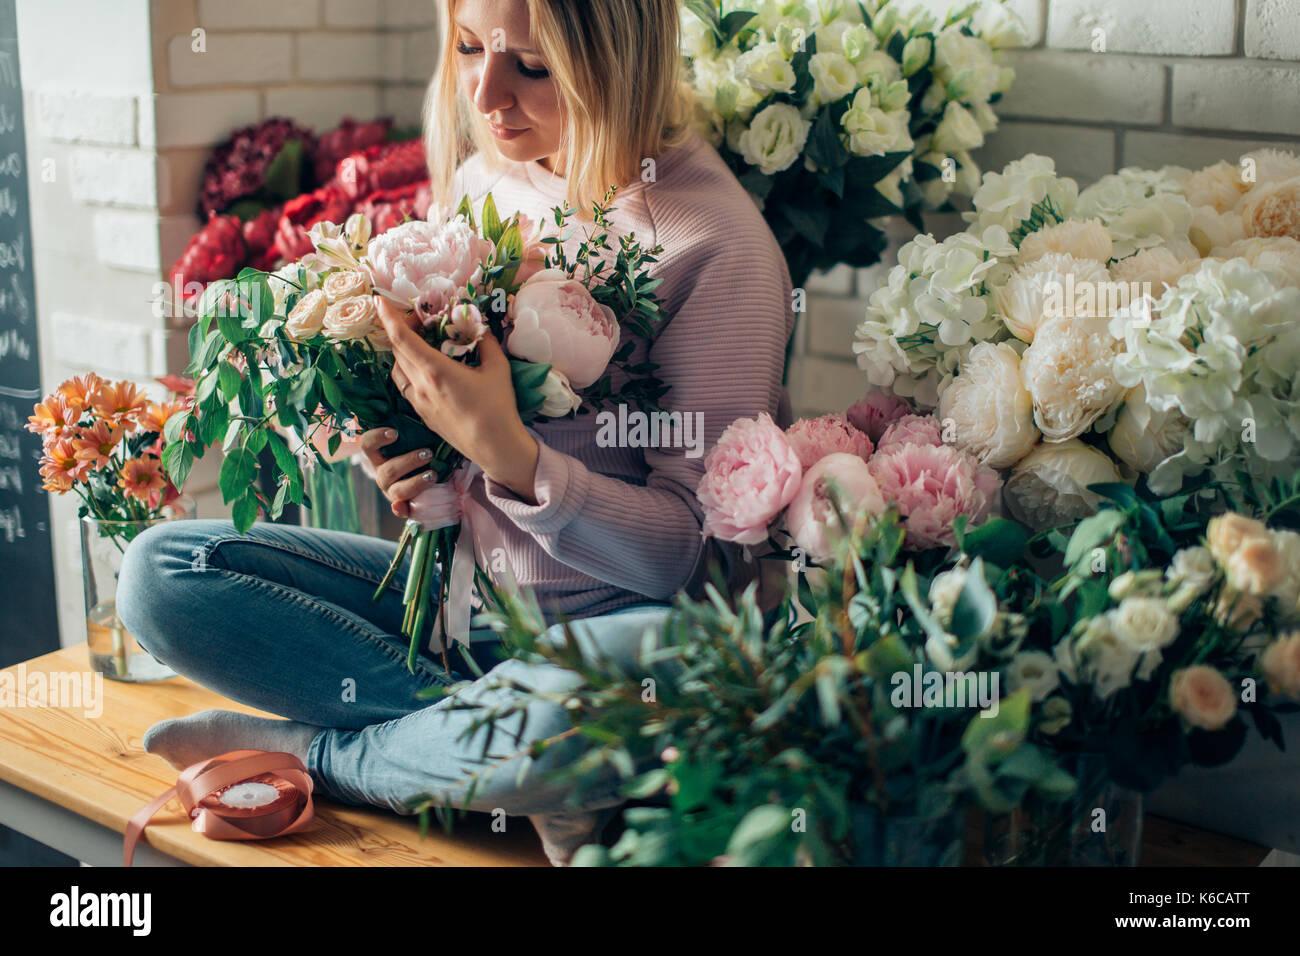 Un fleuriste à la lumière du jour. woman holding beau bouquet de fleurs. un fleuriste avec son travail. photo d'offres stylisé avec filtre hipster. Photo Stock